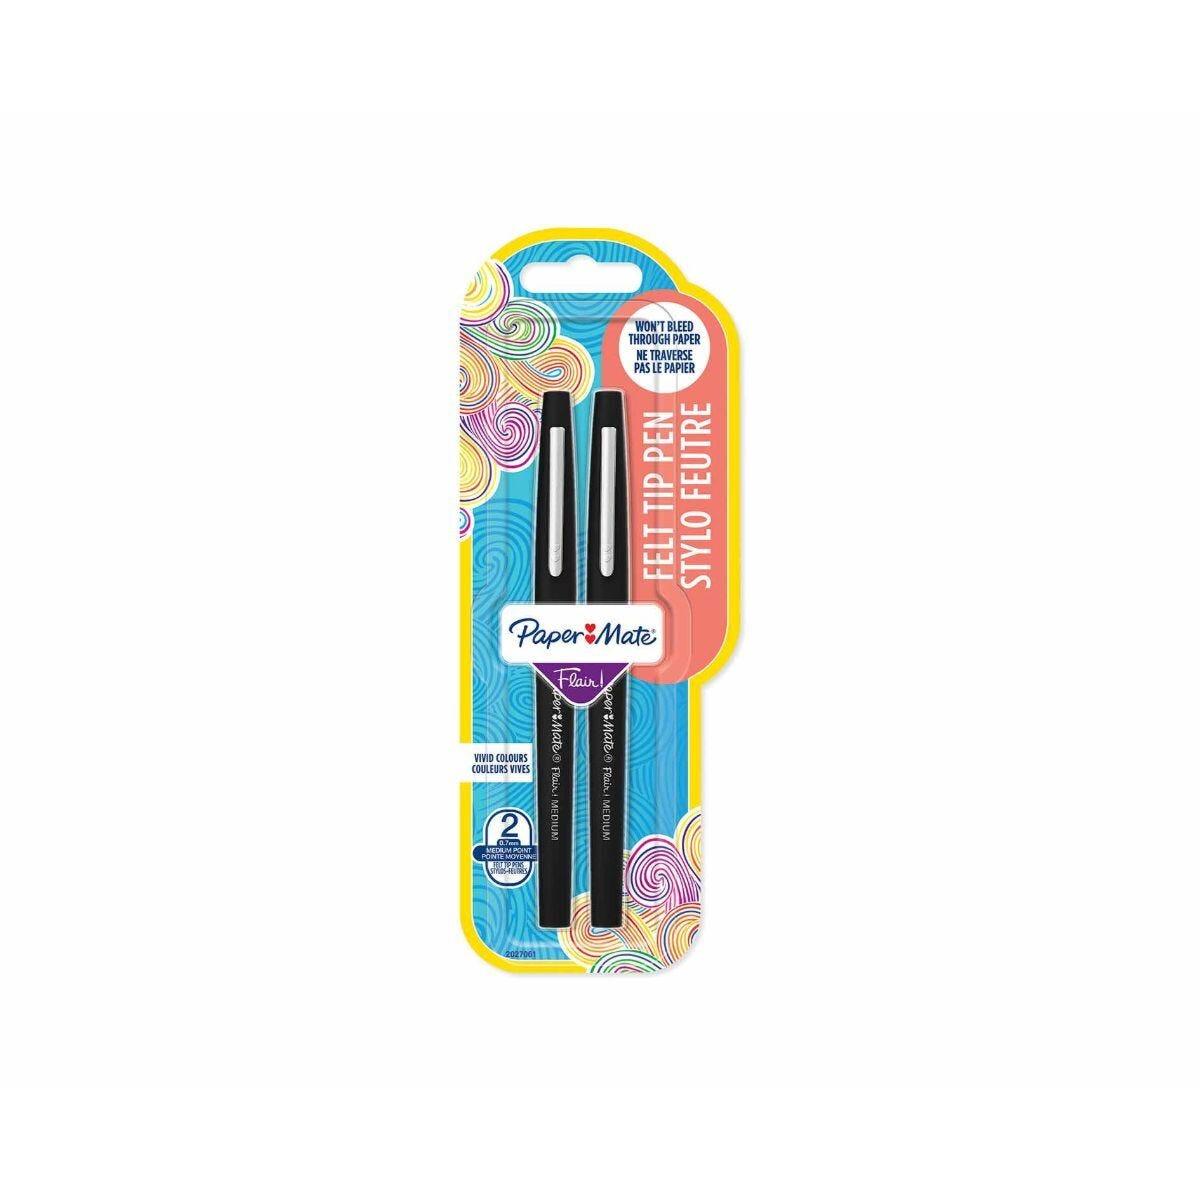 Paper Mate Flair Fibre Tip Pen Pack of 2